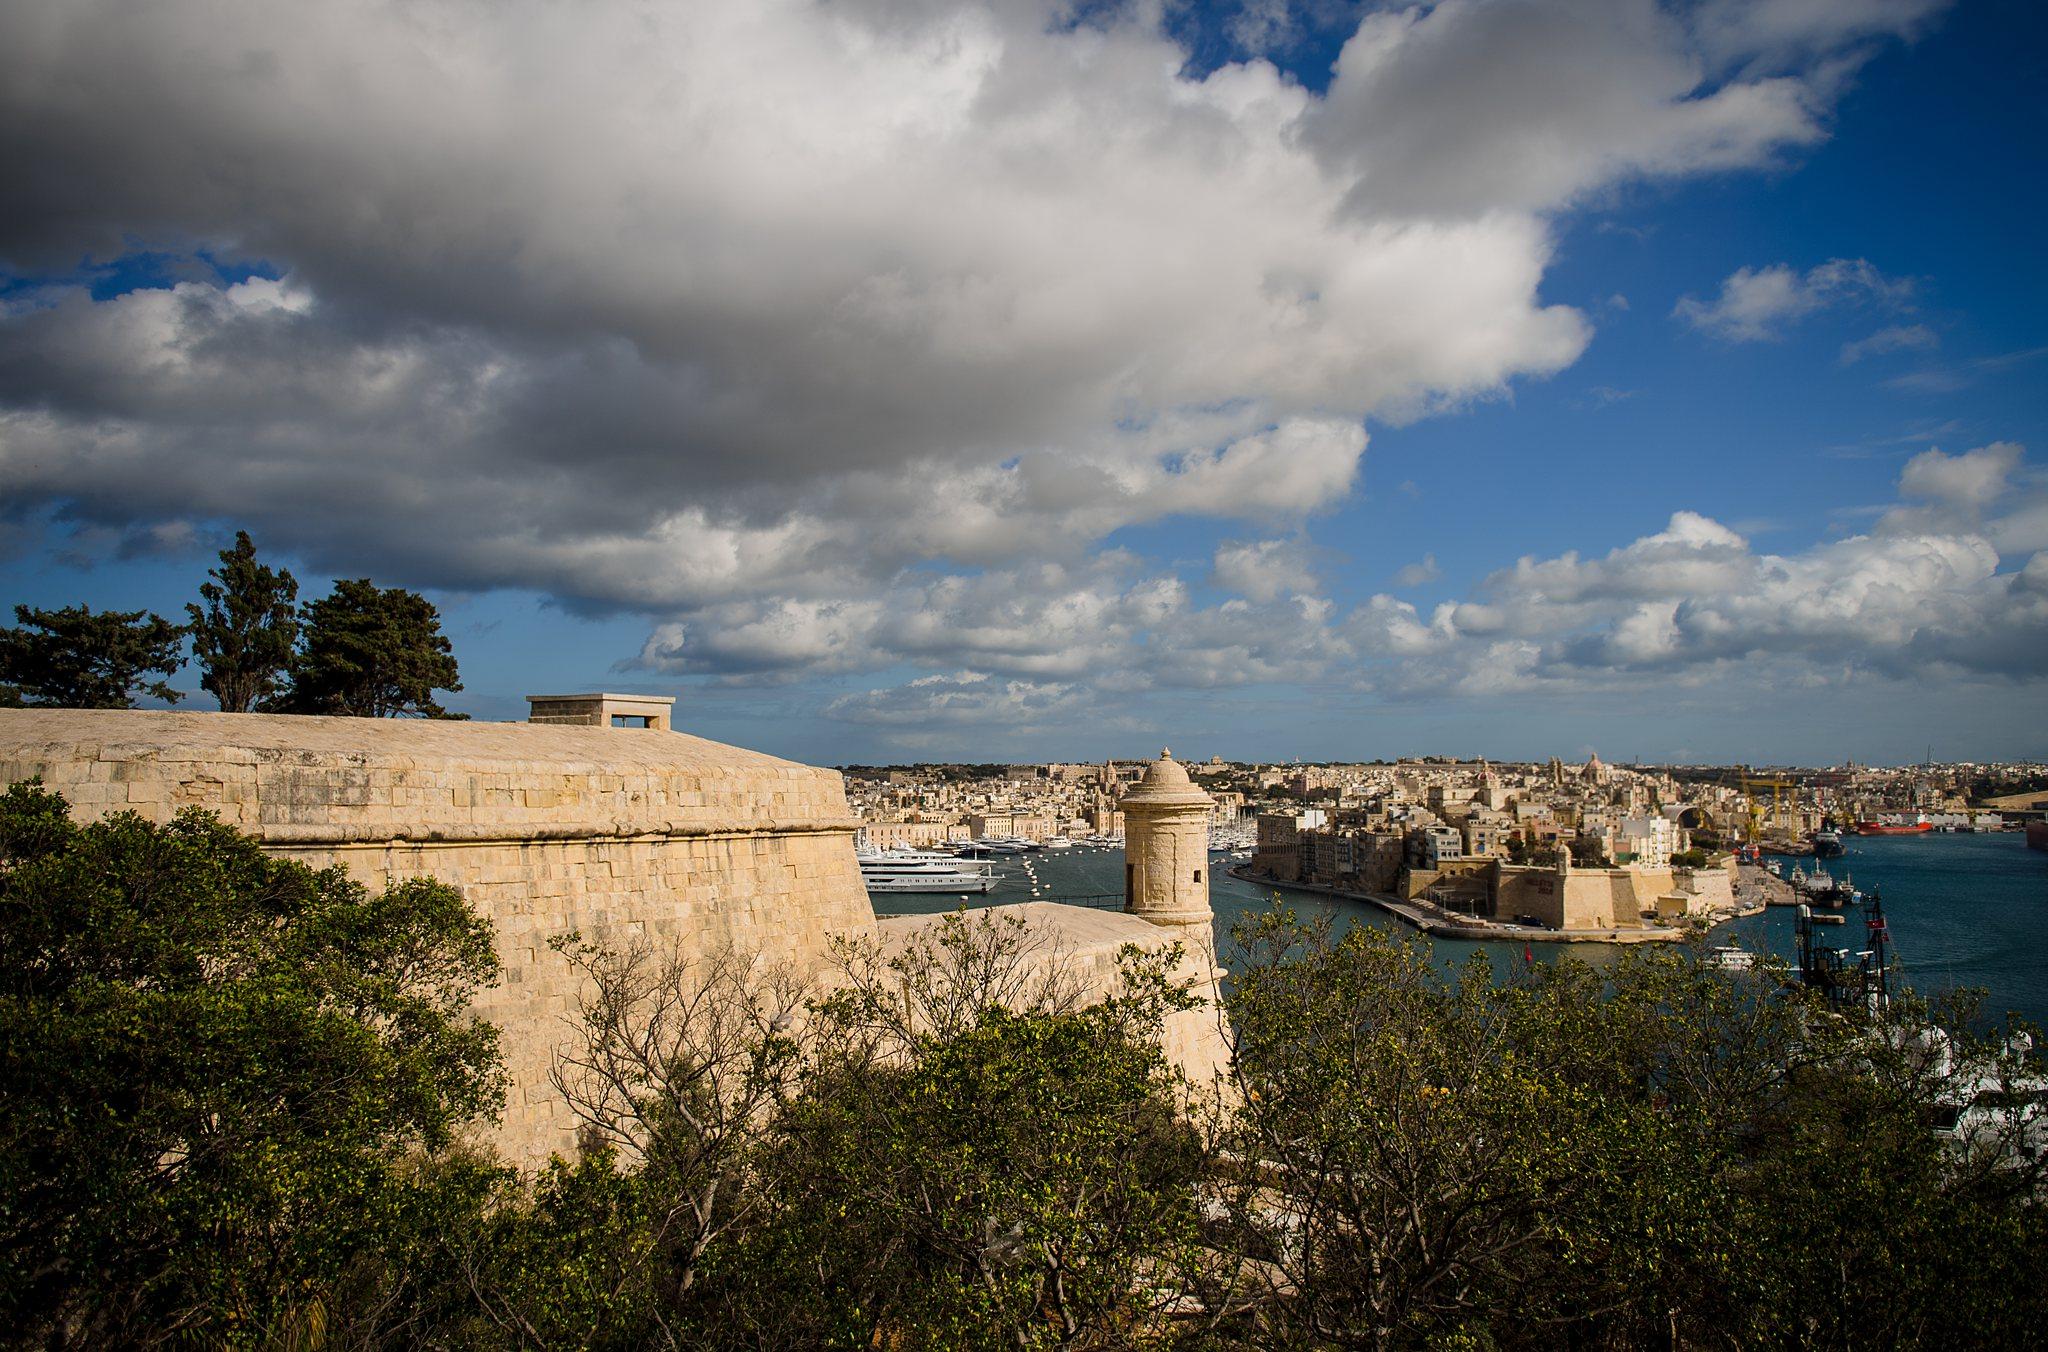 Linda & Eddie | Villa Arrigo, Naxxar | Wedding Photographer Malta, Shane P. Watts Linda & Eddie | Villa Arrigo, Naxxar | Wedding Photographer Malta, Shane P. Watts